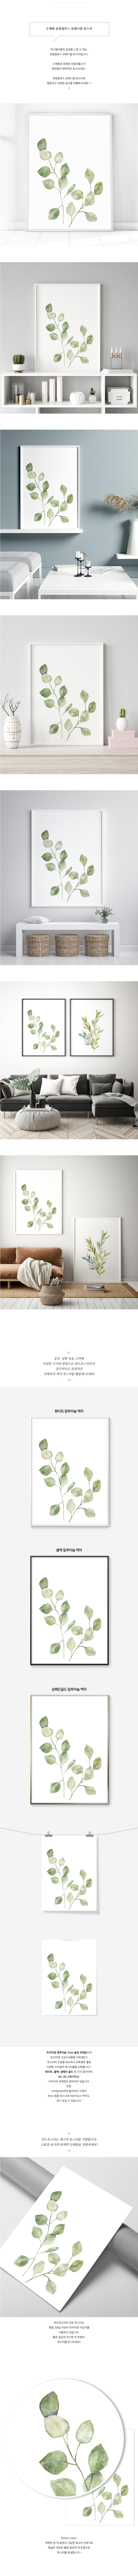 수채화 유칼립투스 보테니컬 식물 그림 인테리어 액자 A3 포스터 (액자미포함)8,900원-위드포스터인테리어, 액자/홈갤러리, 홈갤러리, 보테니컬바보사랑수채화 유칼립투스 보테니컬 식물 그림 인테리어 액자 A3 포스터 (액자미포함)8,900원-위드포스터인테리어, 액자/홈갤러리, 홈갤러리, 보테니컬바보사랑